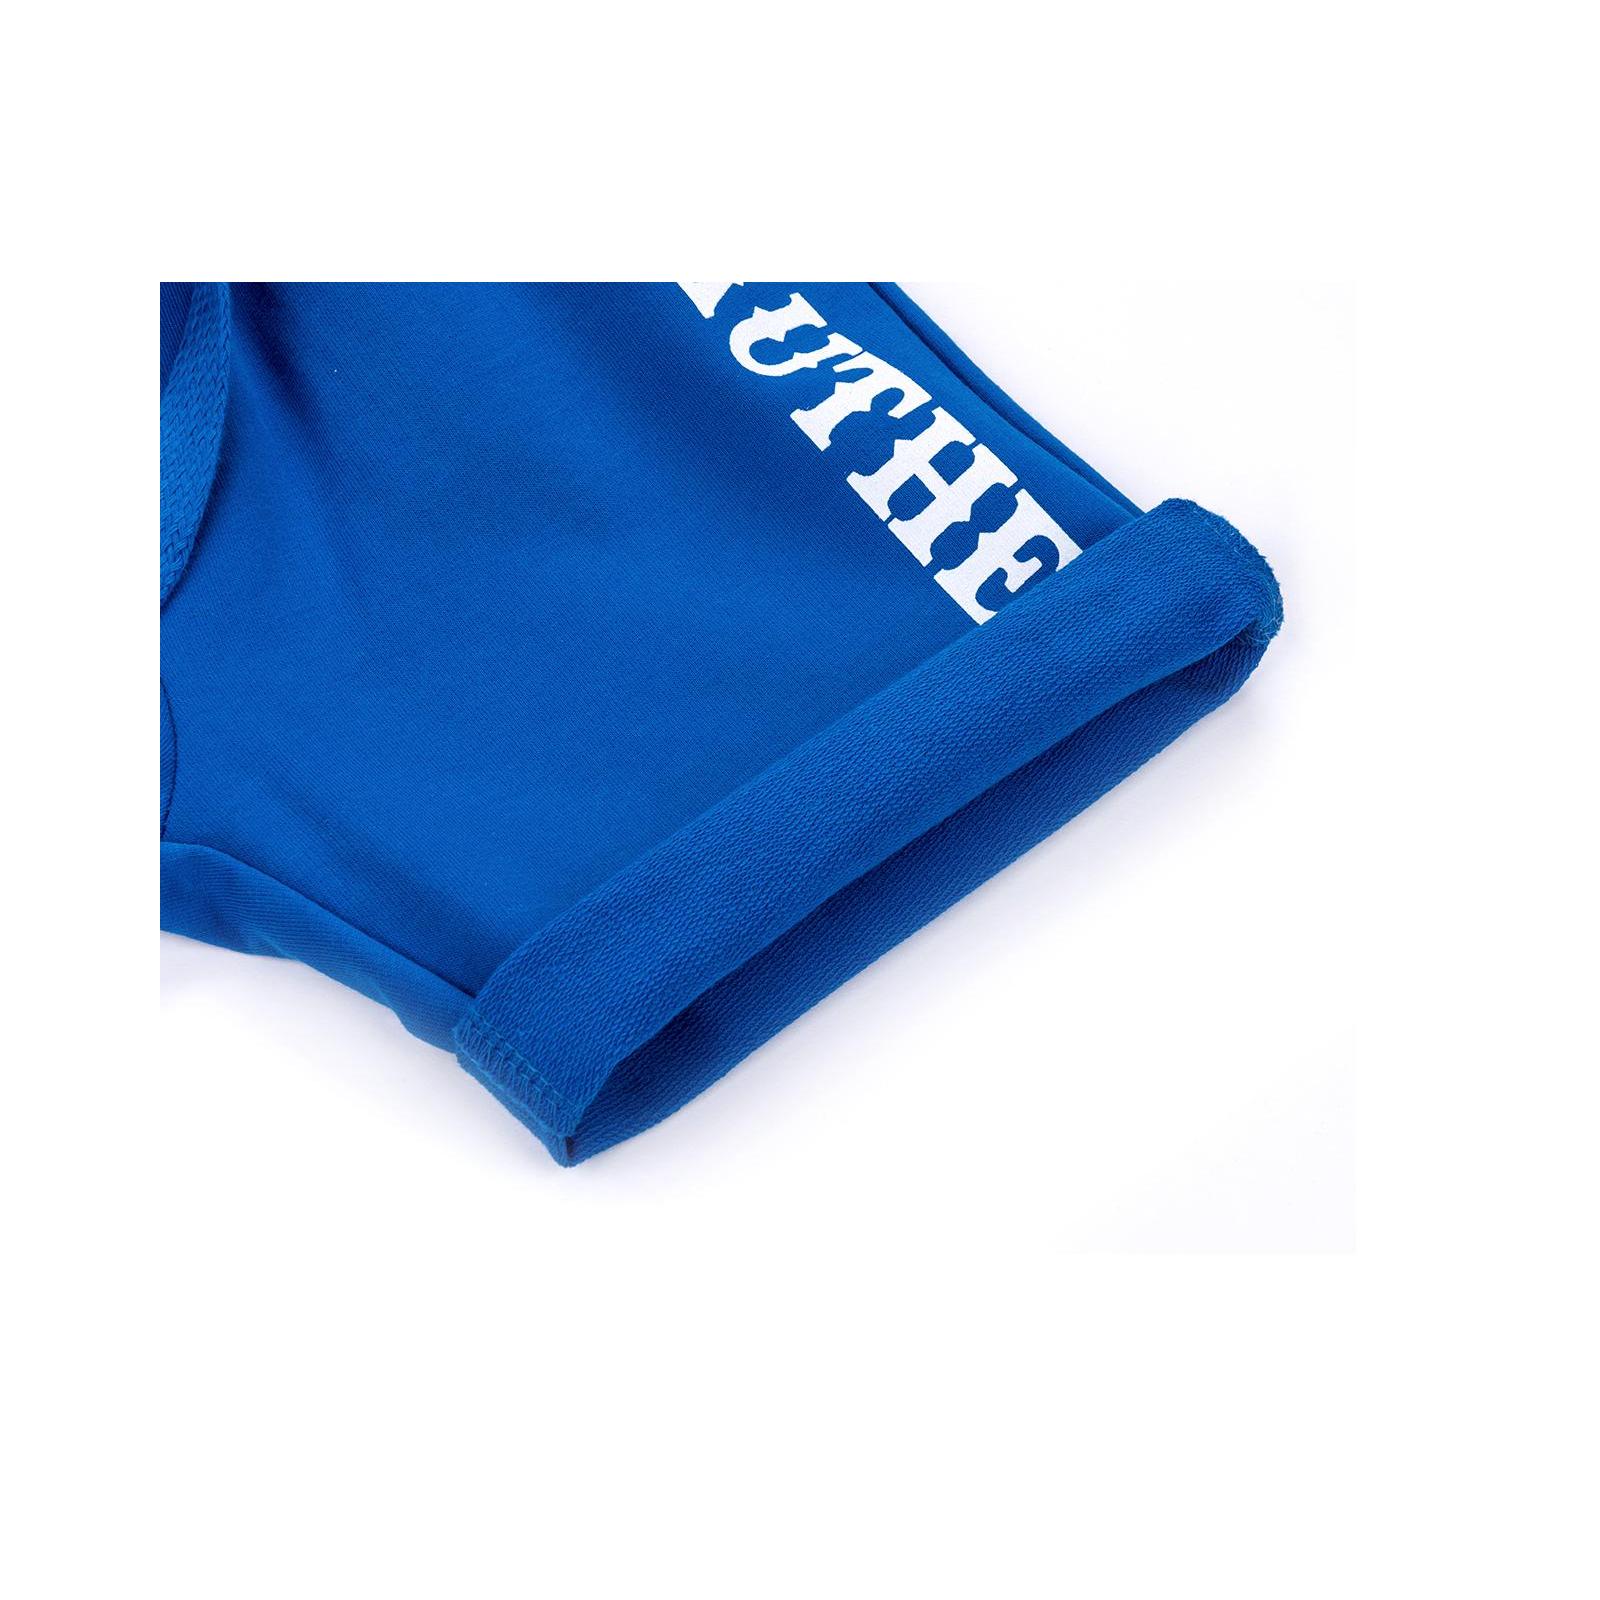 """Футболка детская Breeze с шортами """"AUTHENTIC"""" (10583-92B-blue) изображение 11"""